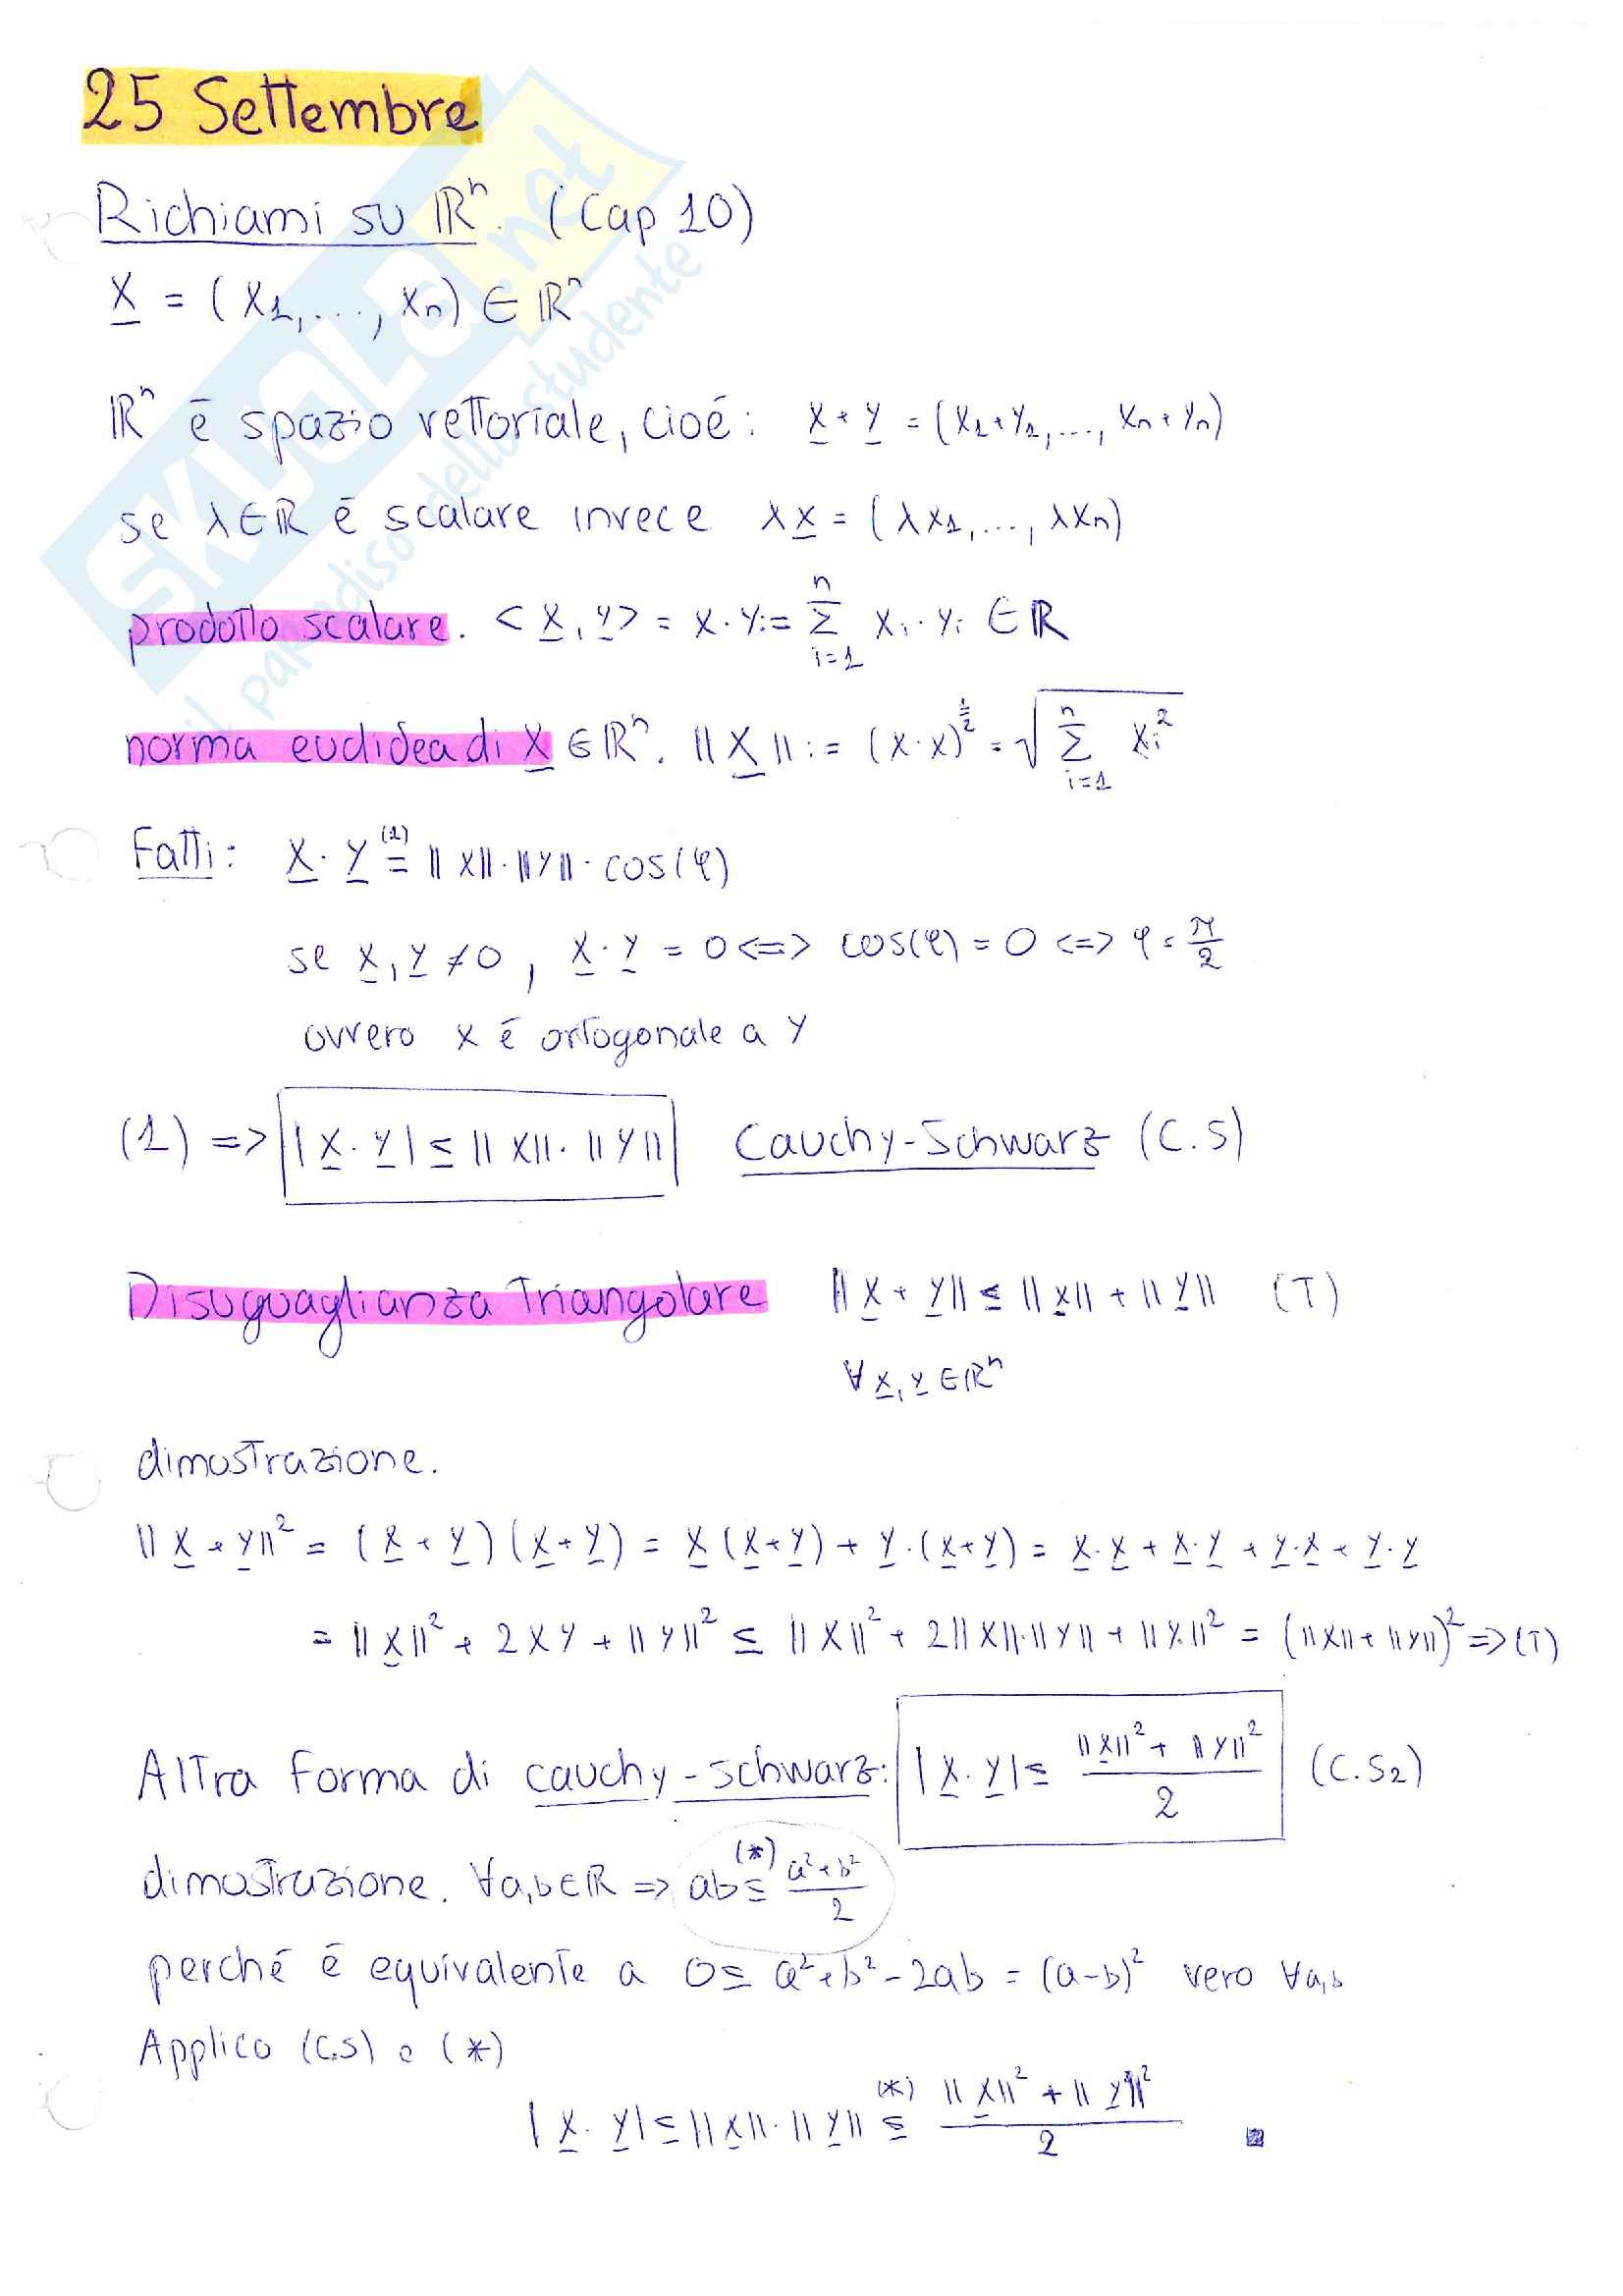 Analisi Matematica 2 - Quaderno appunti definitivo 2017/2018